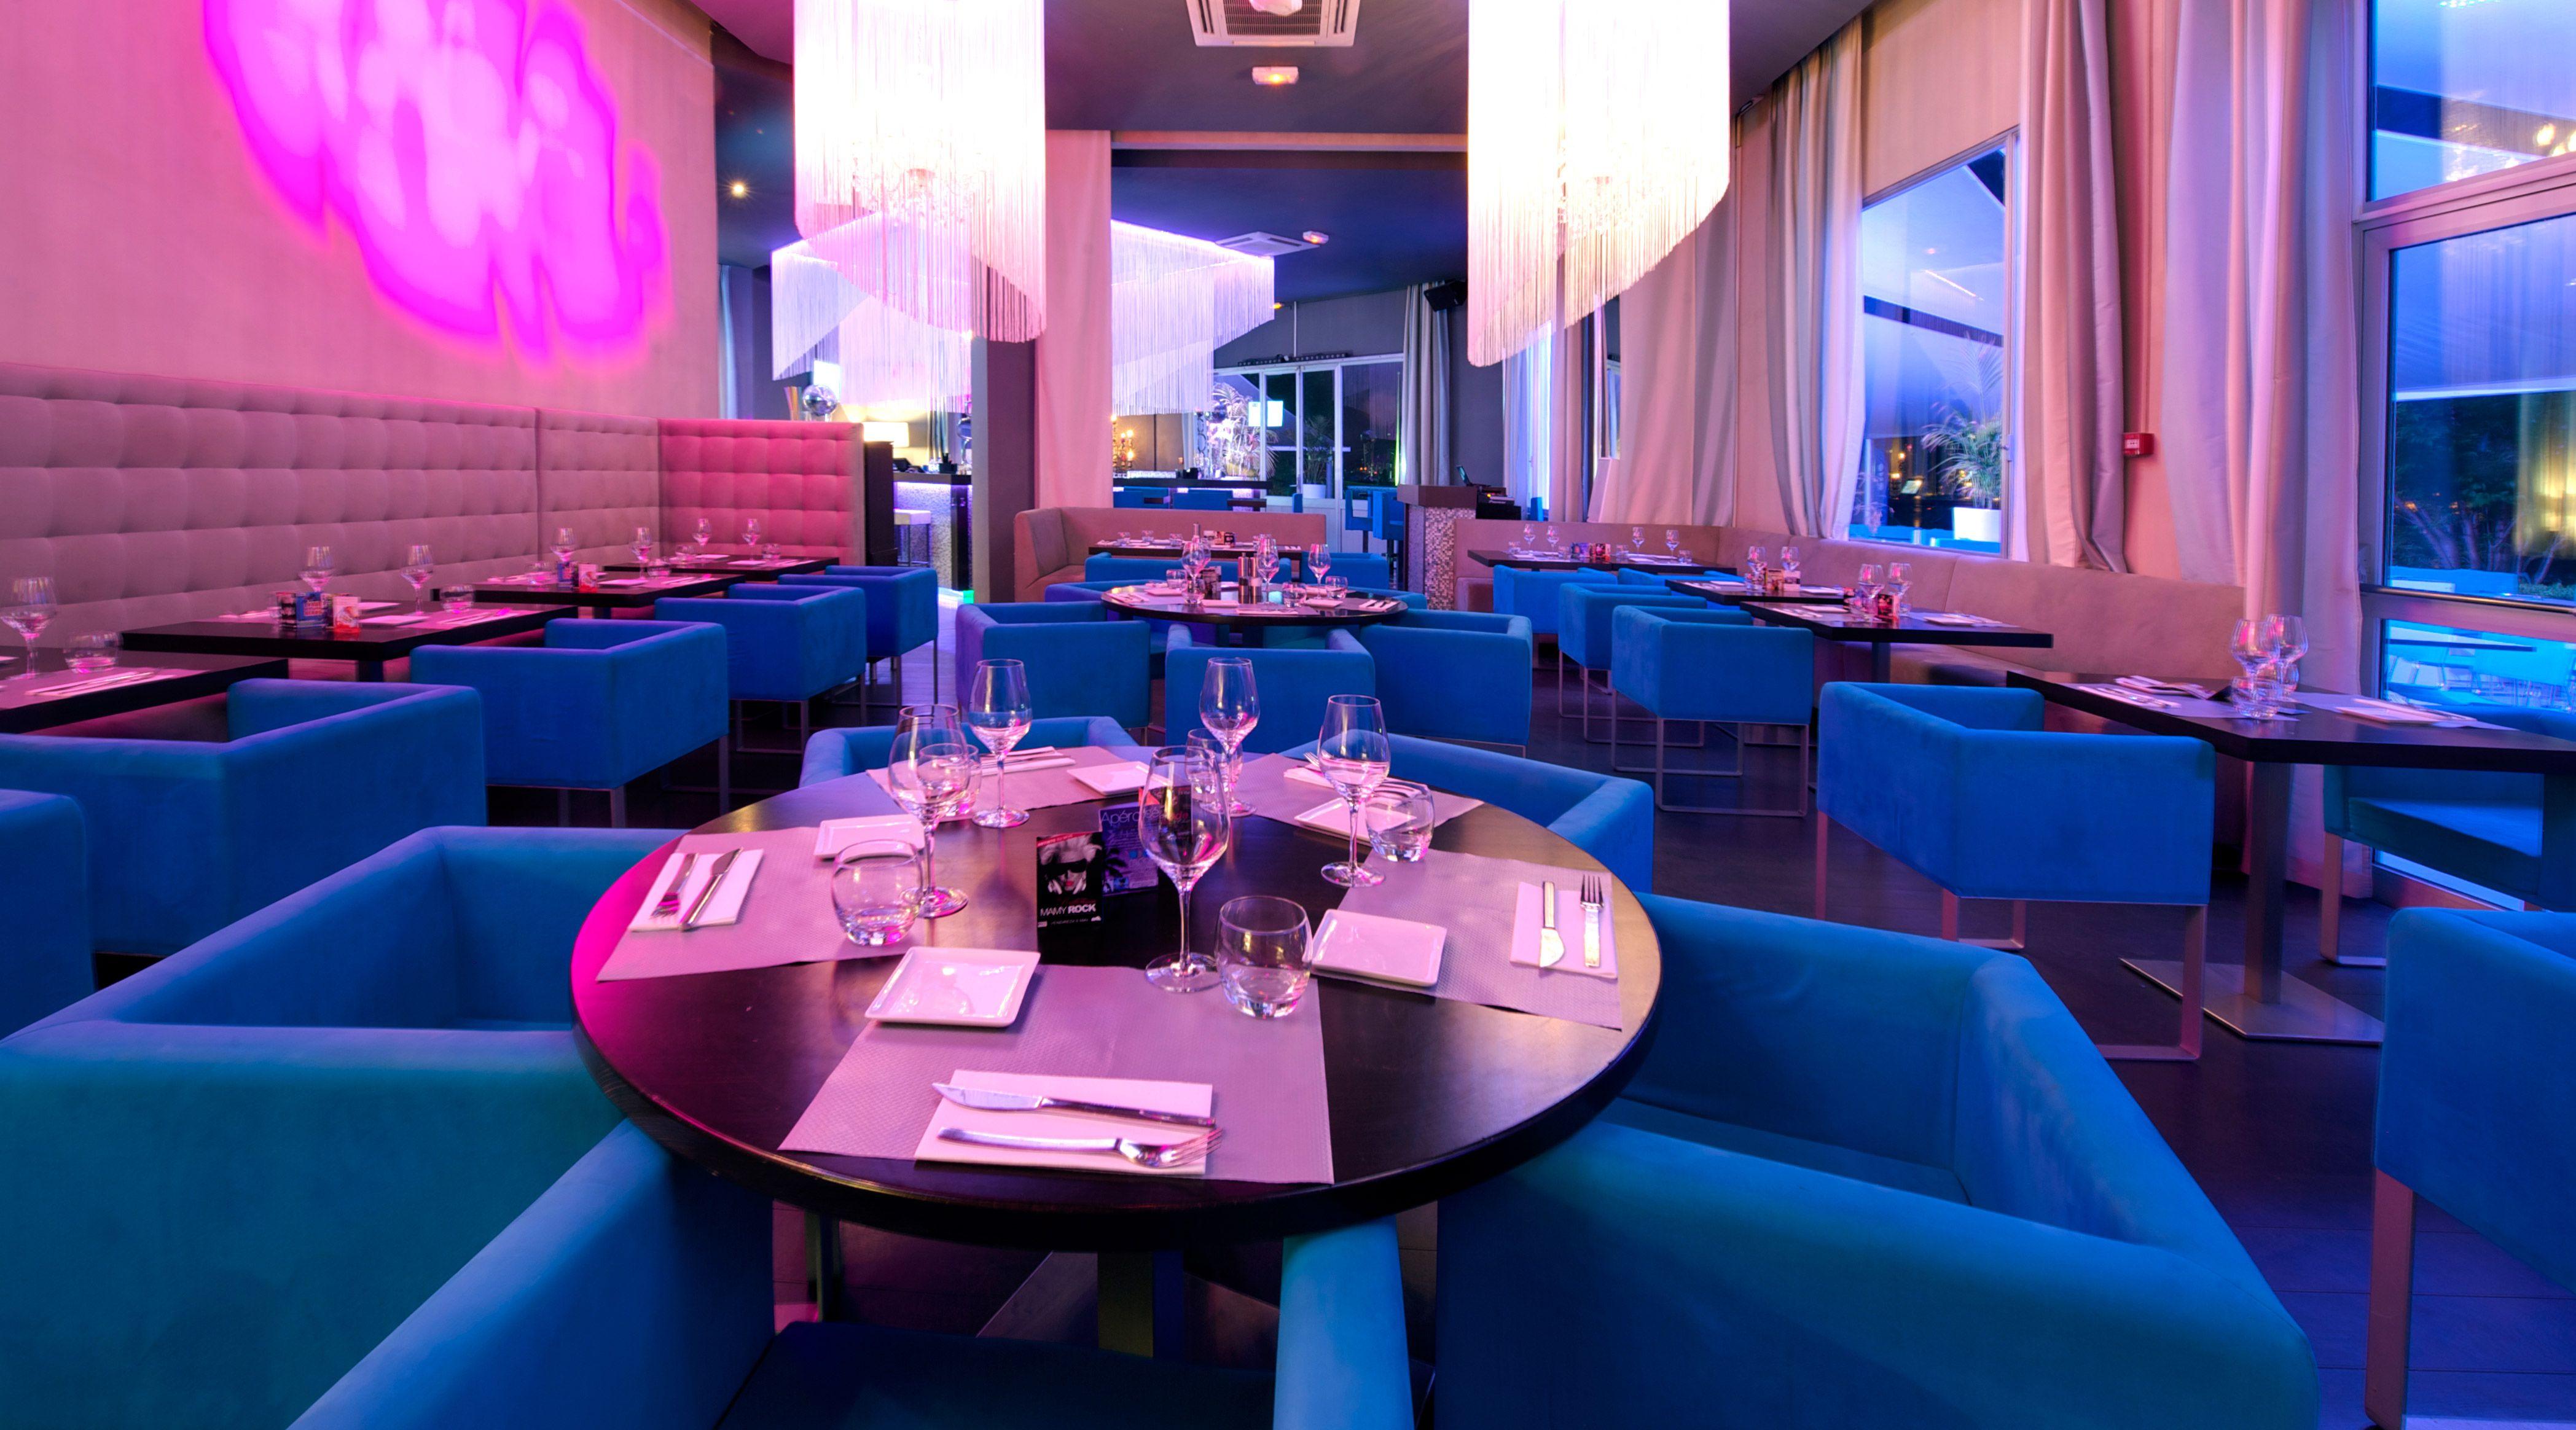 Restaurant Bar Festif Le Moon A Annecy Au Bord Du Lac Ambiance Raffinee Notes Baroques Chics Et Colorees Mosaiques Ride Lustre Baroque Lustres Restaurant